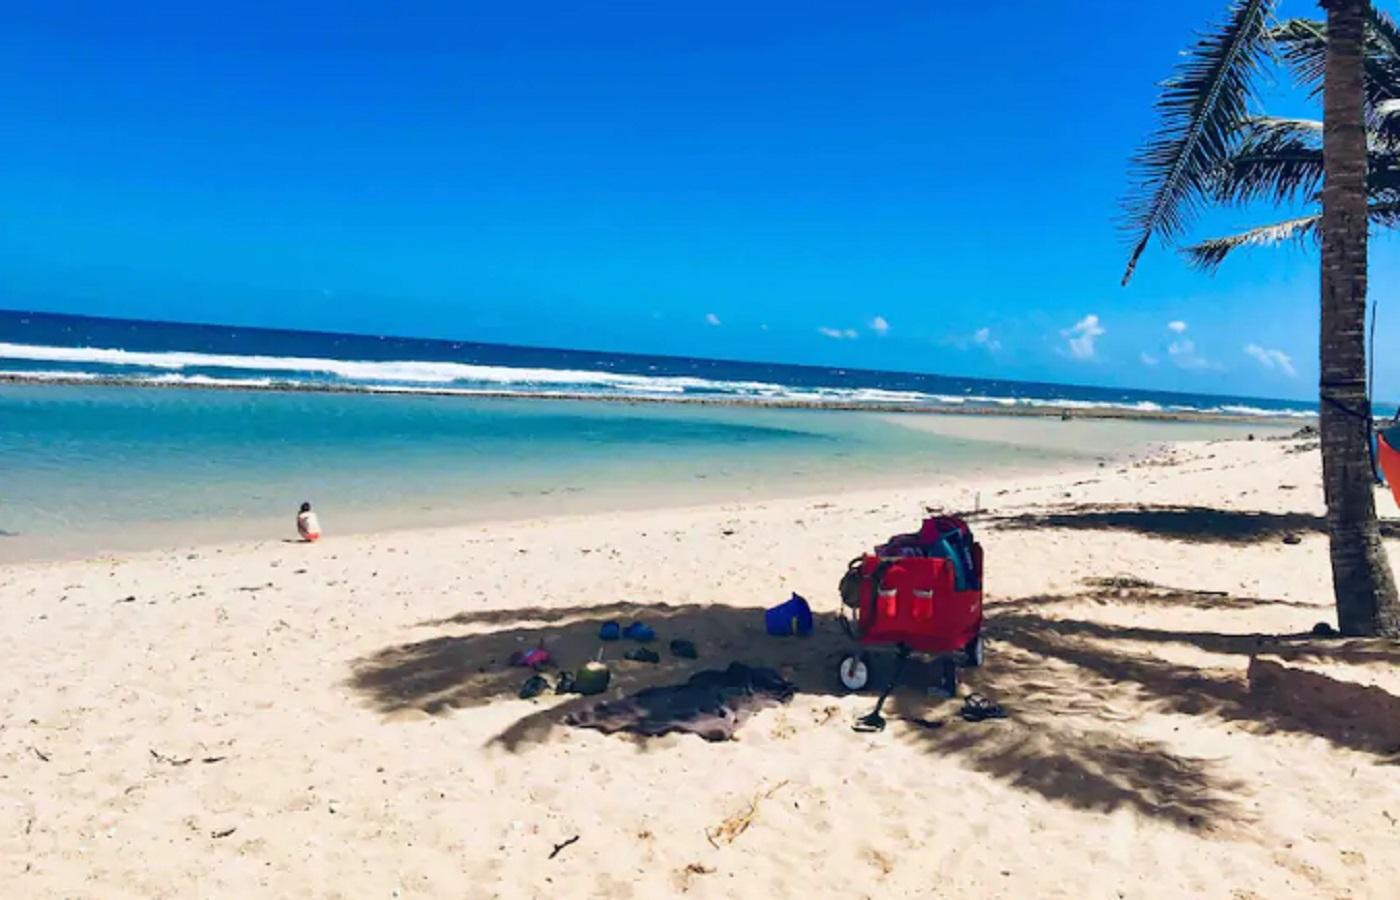 Sobrevivência em Ilha deserta com cocos(Foto: Divulgação)